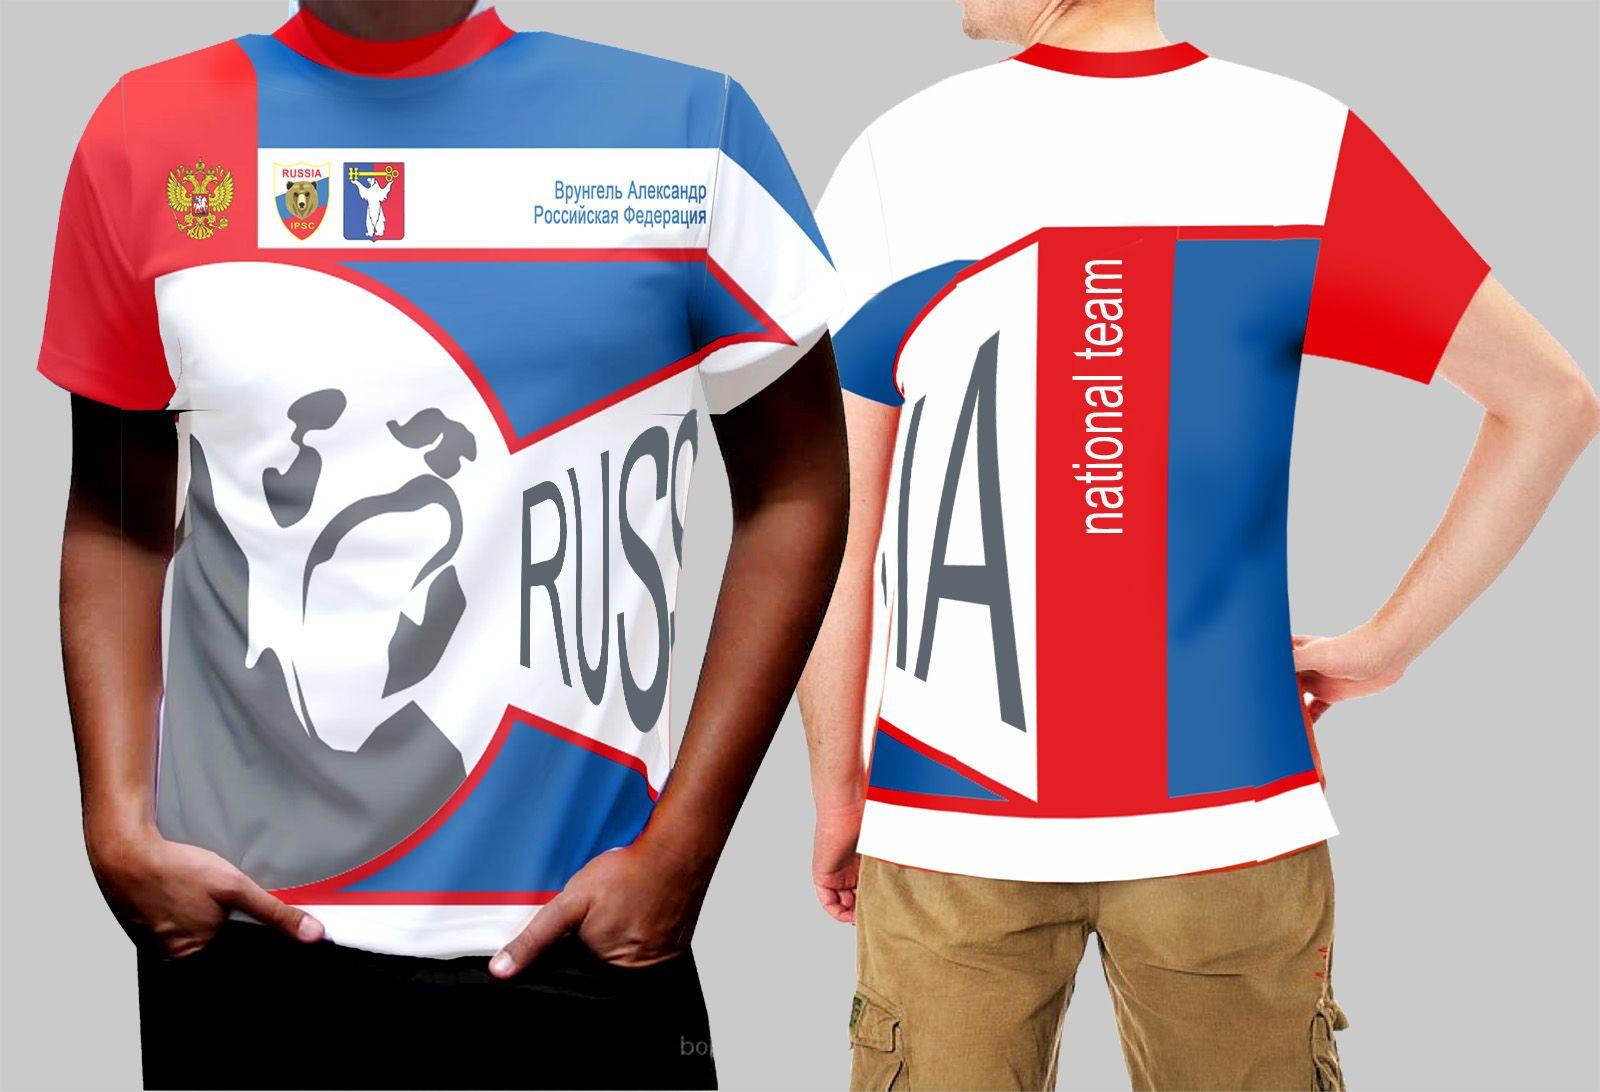 Макет спортивной одежды для региональной команды - дизайнер stason2008